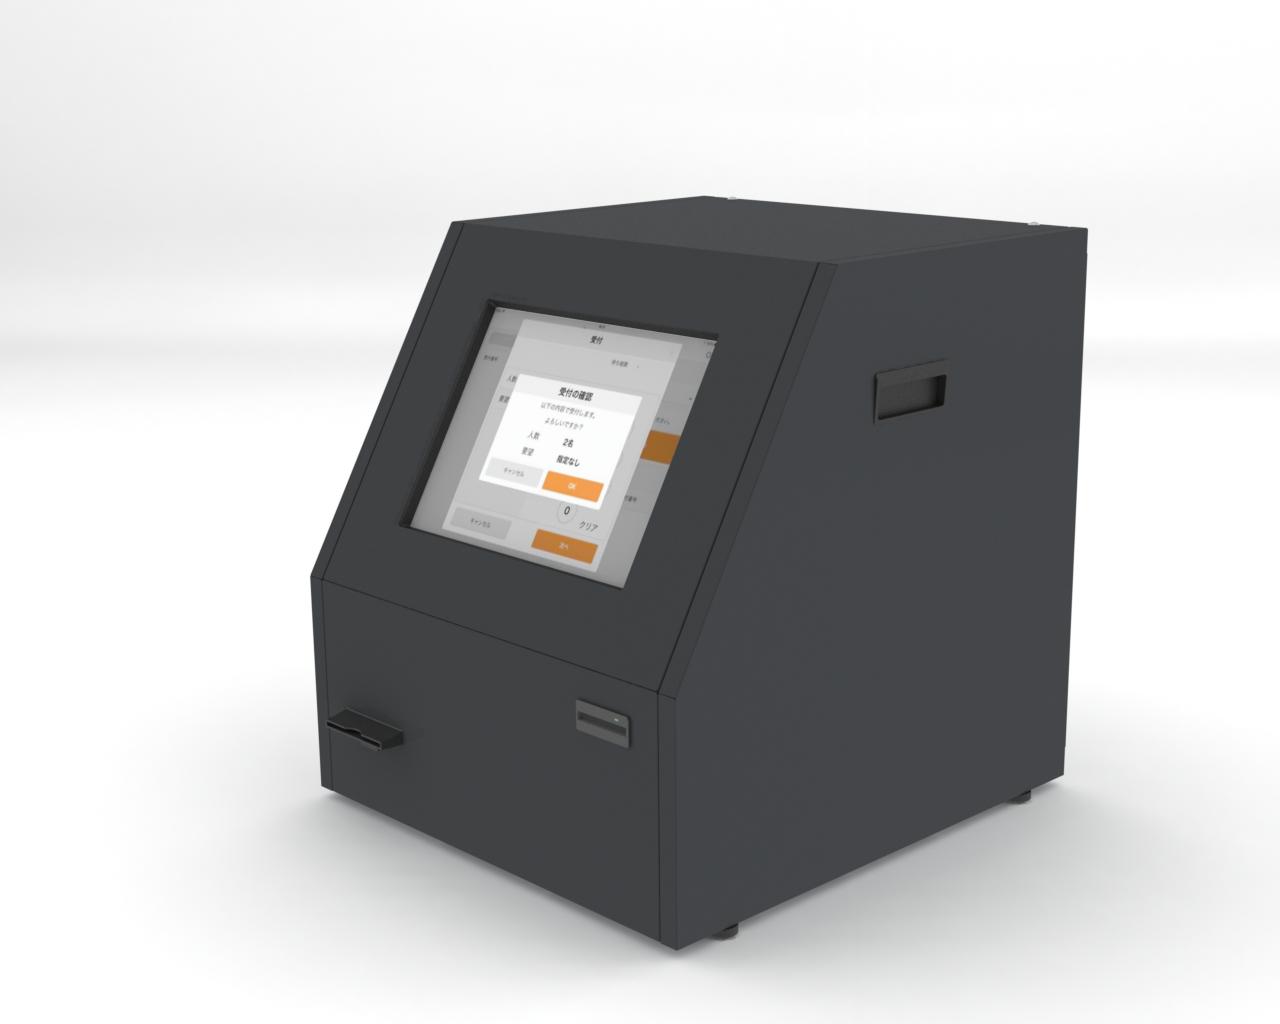 帳票印刷機内蔵